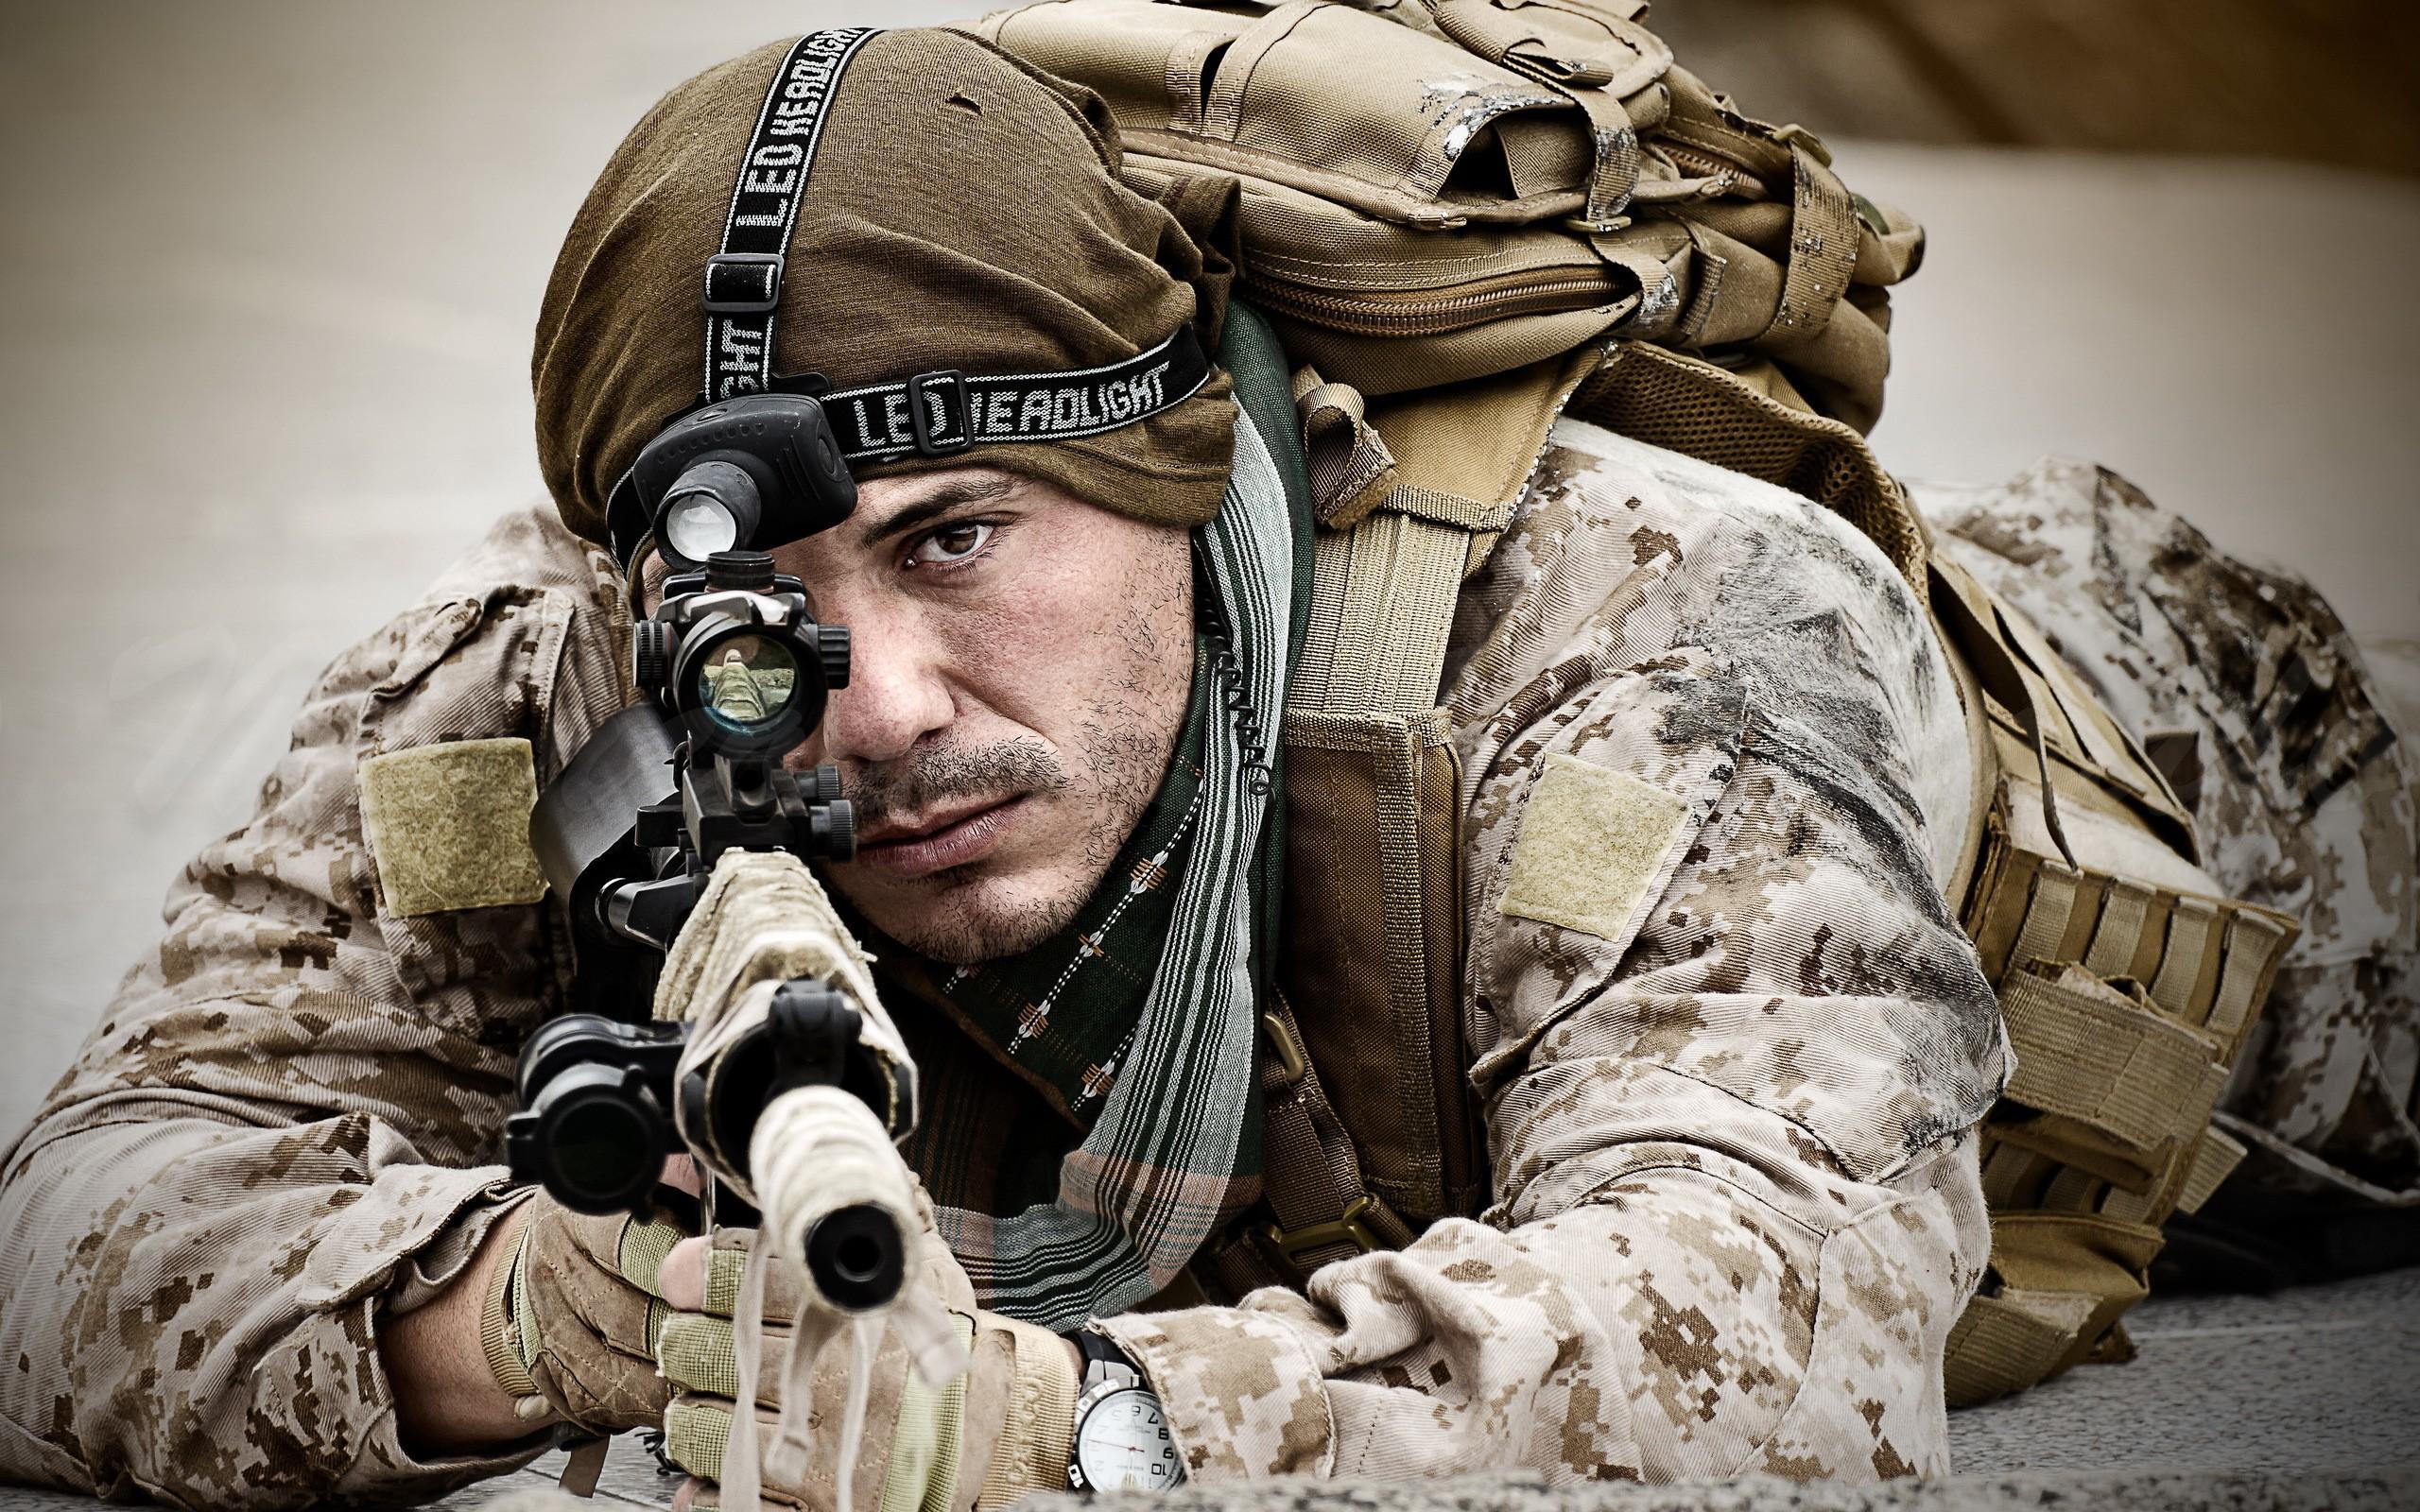 картинки снайперов современных родиной принято считать